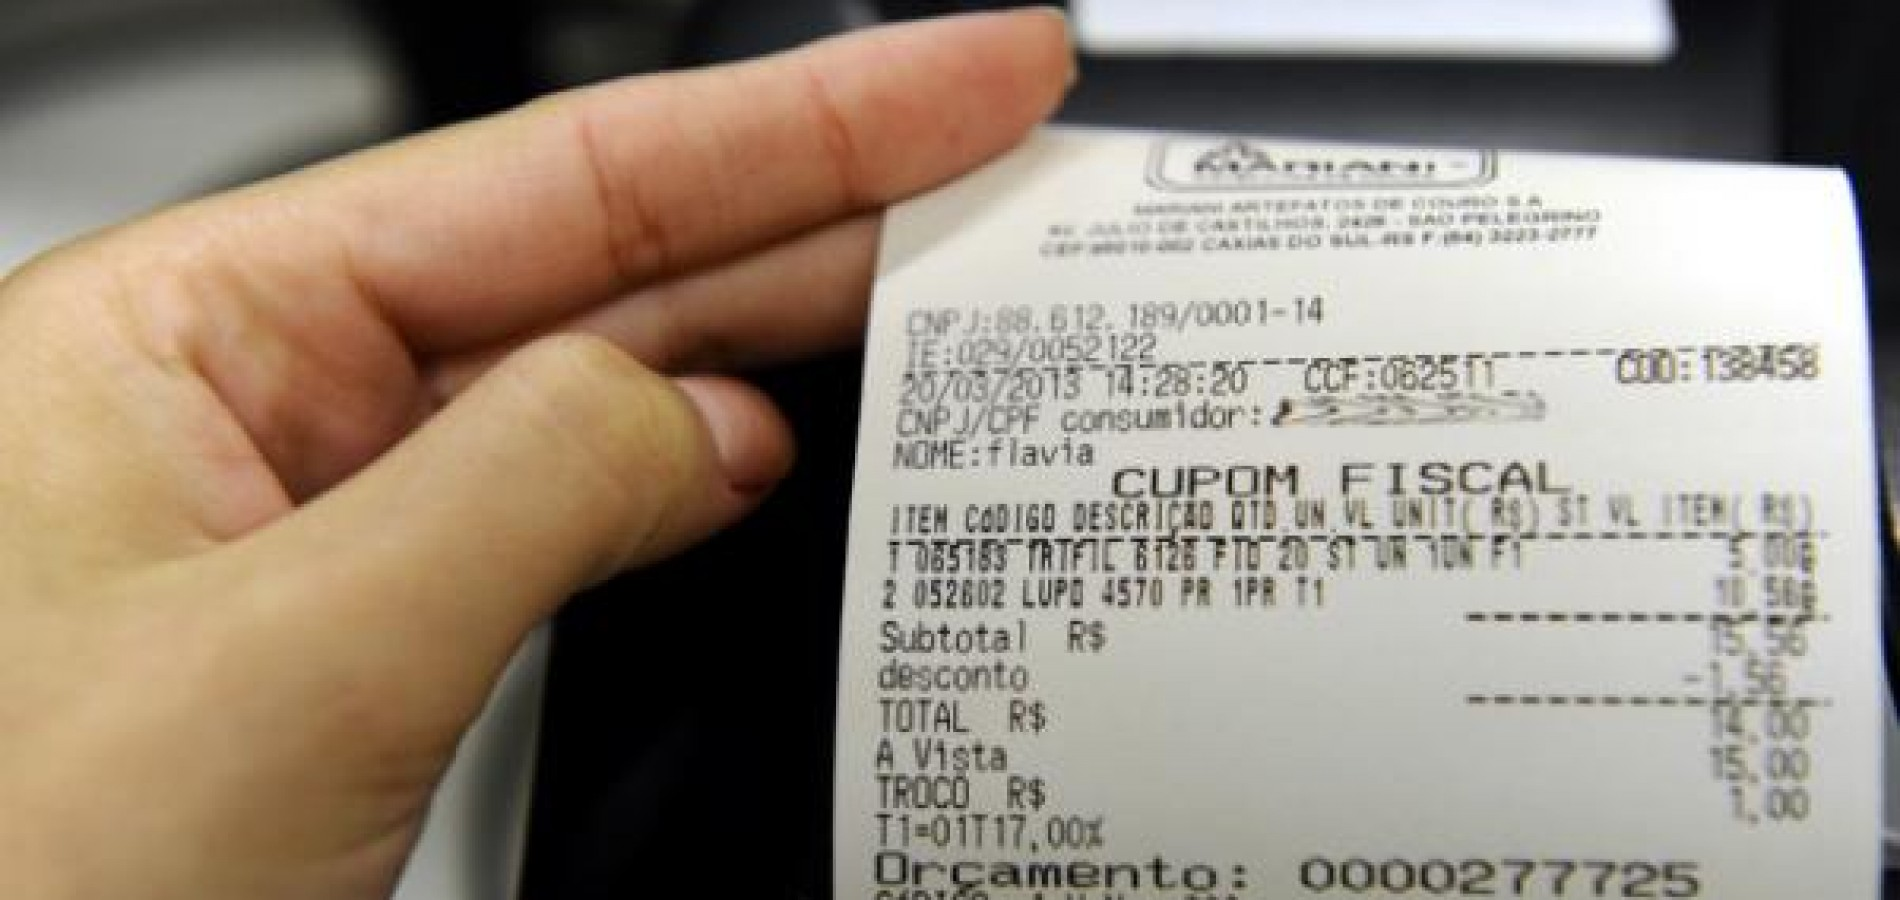 CPF NA NOTA VALE A PENA? Resgatei R$402,50 do meu dinheiro com minha nota fiscal paulista!